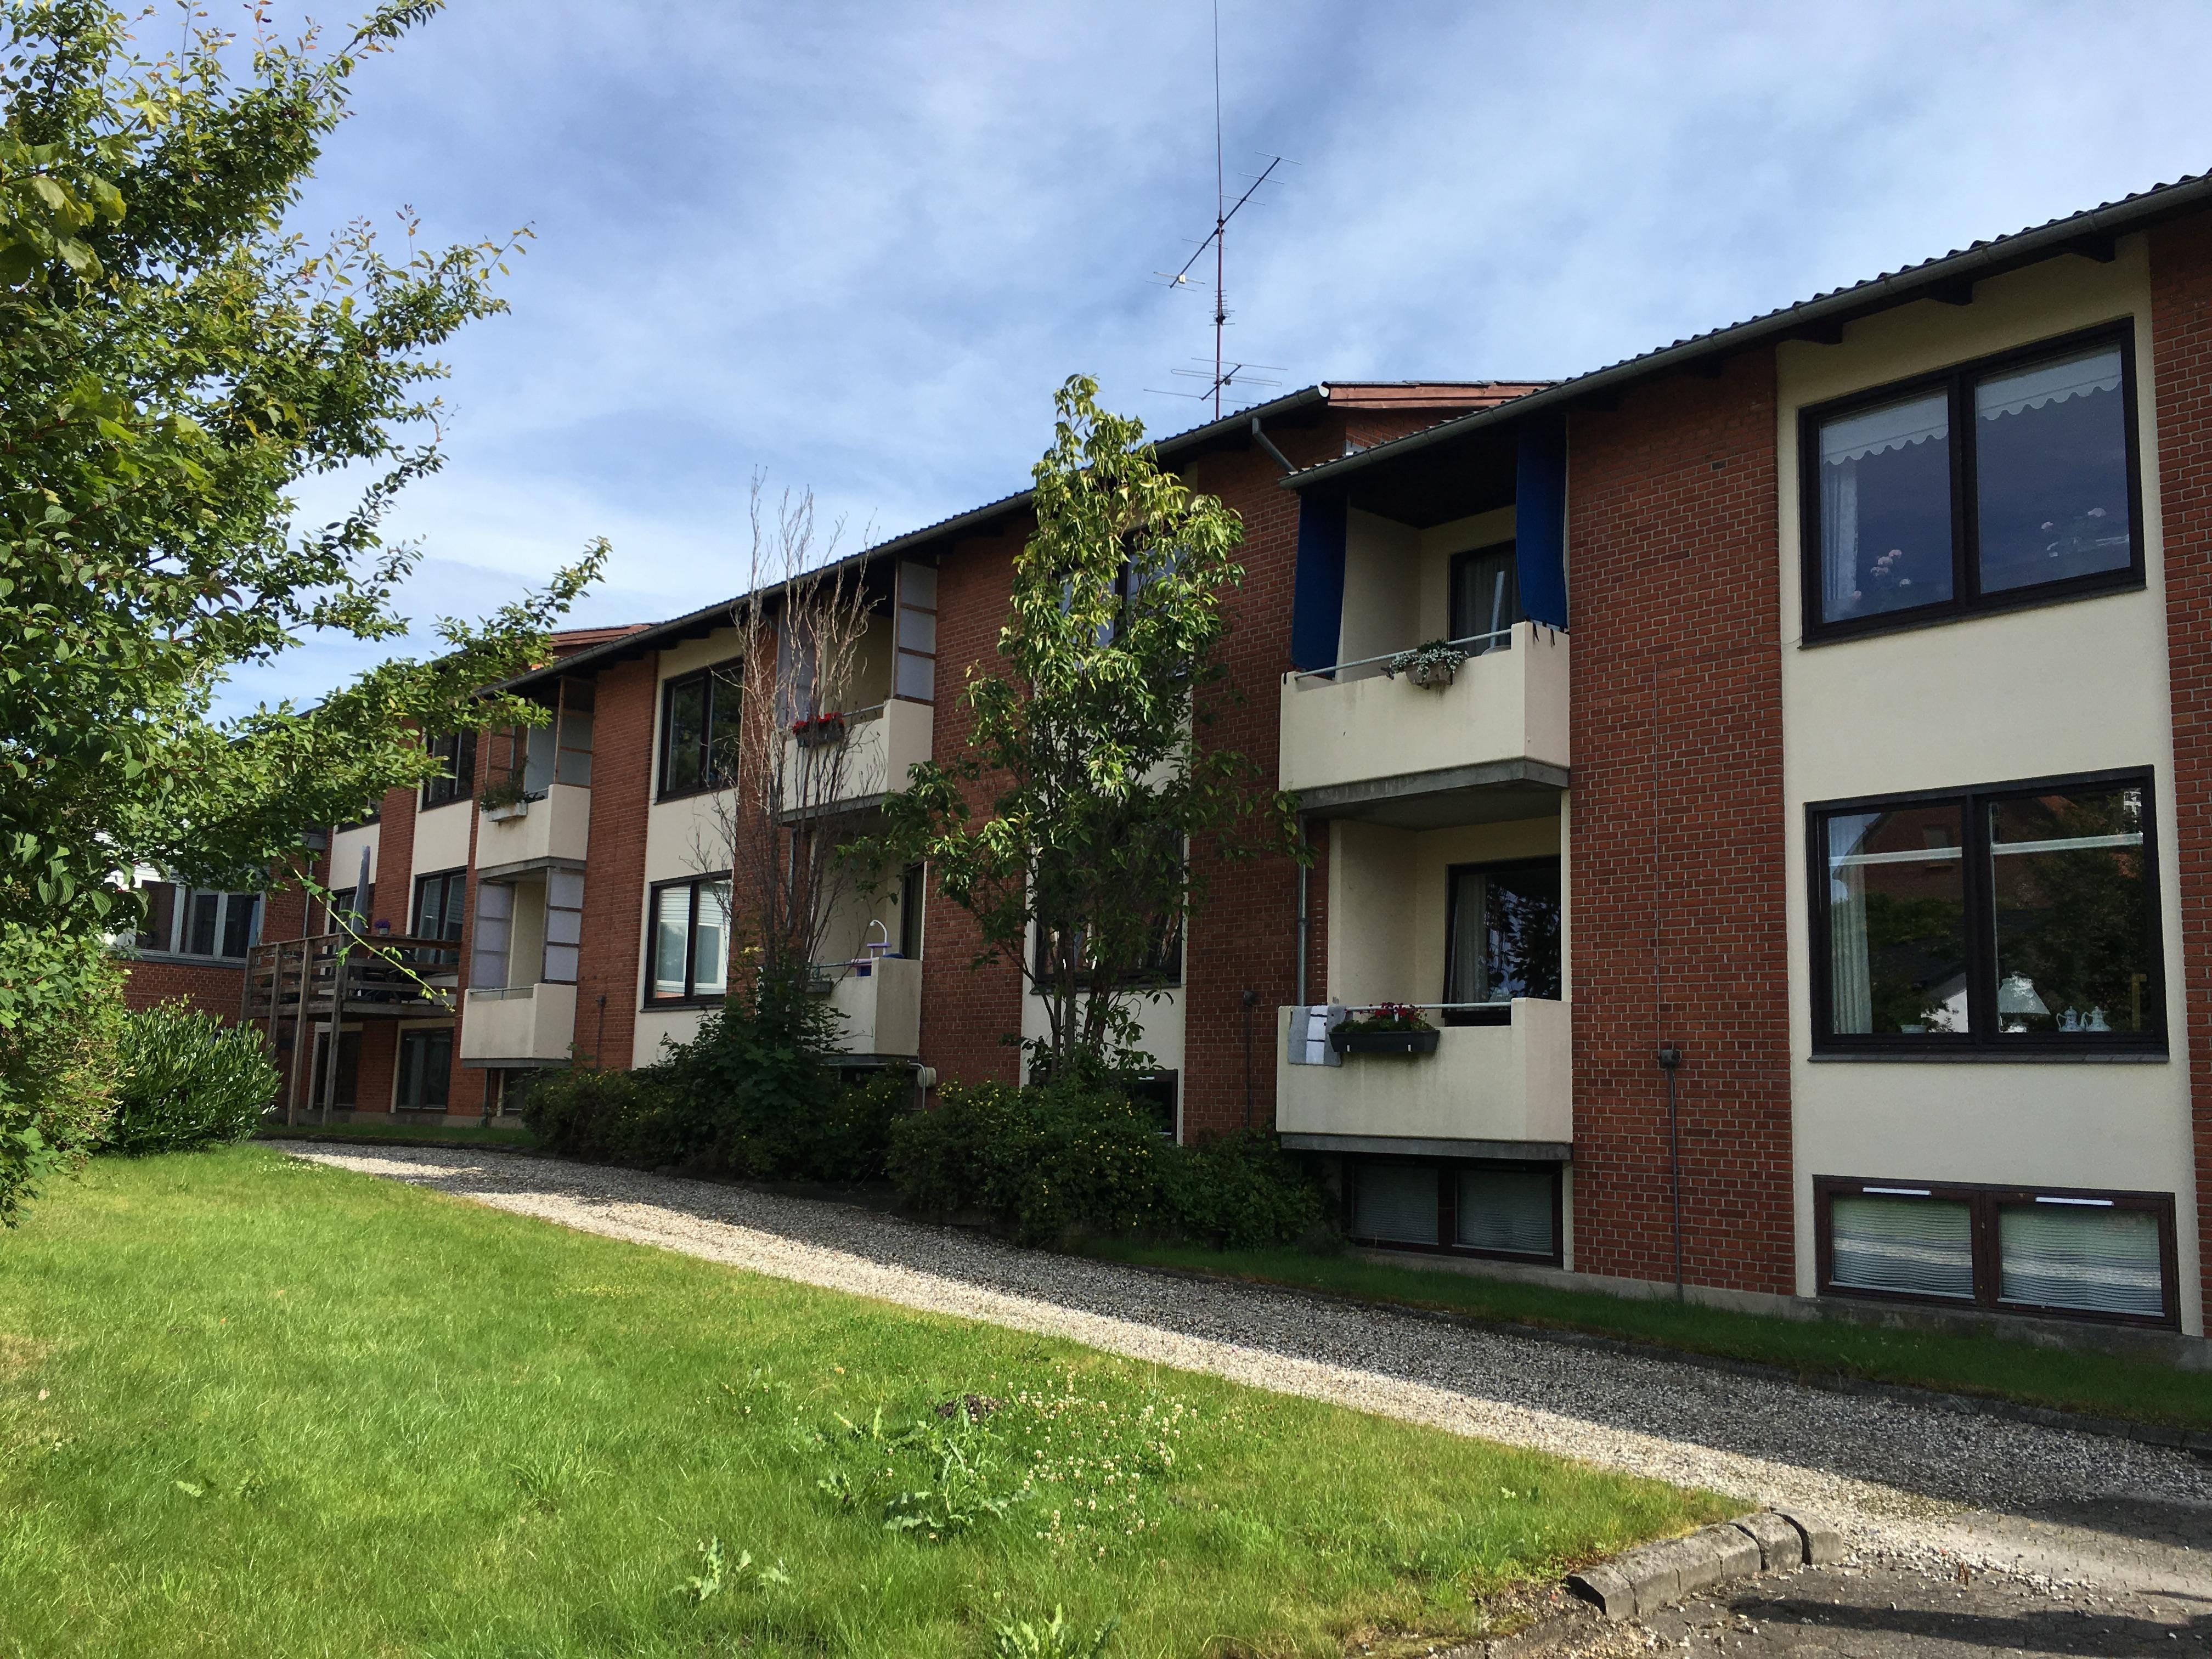 Udbyhøjvej 142, 8930 Randers NØ